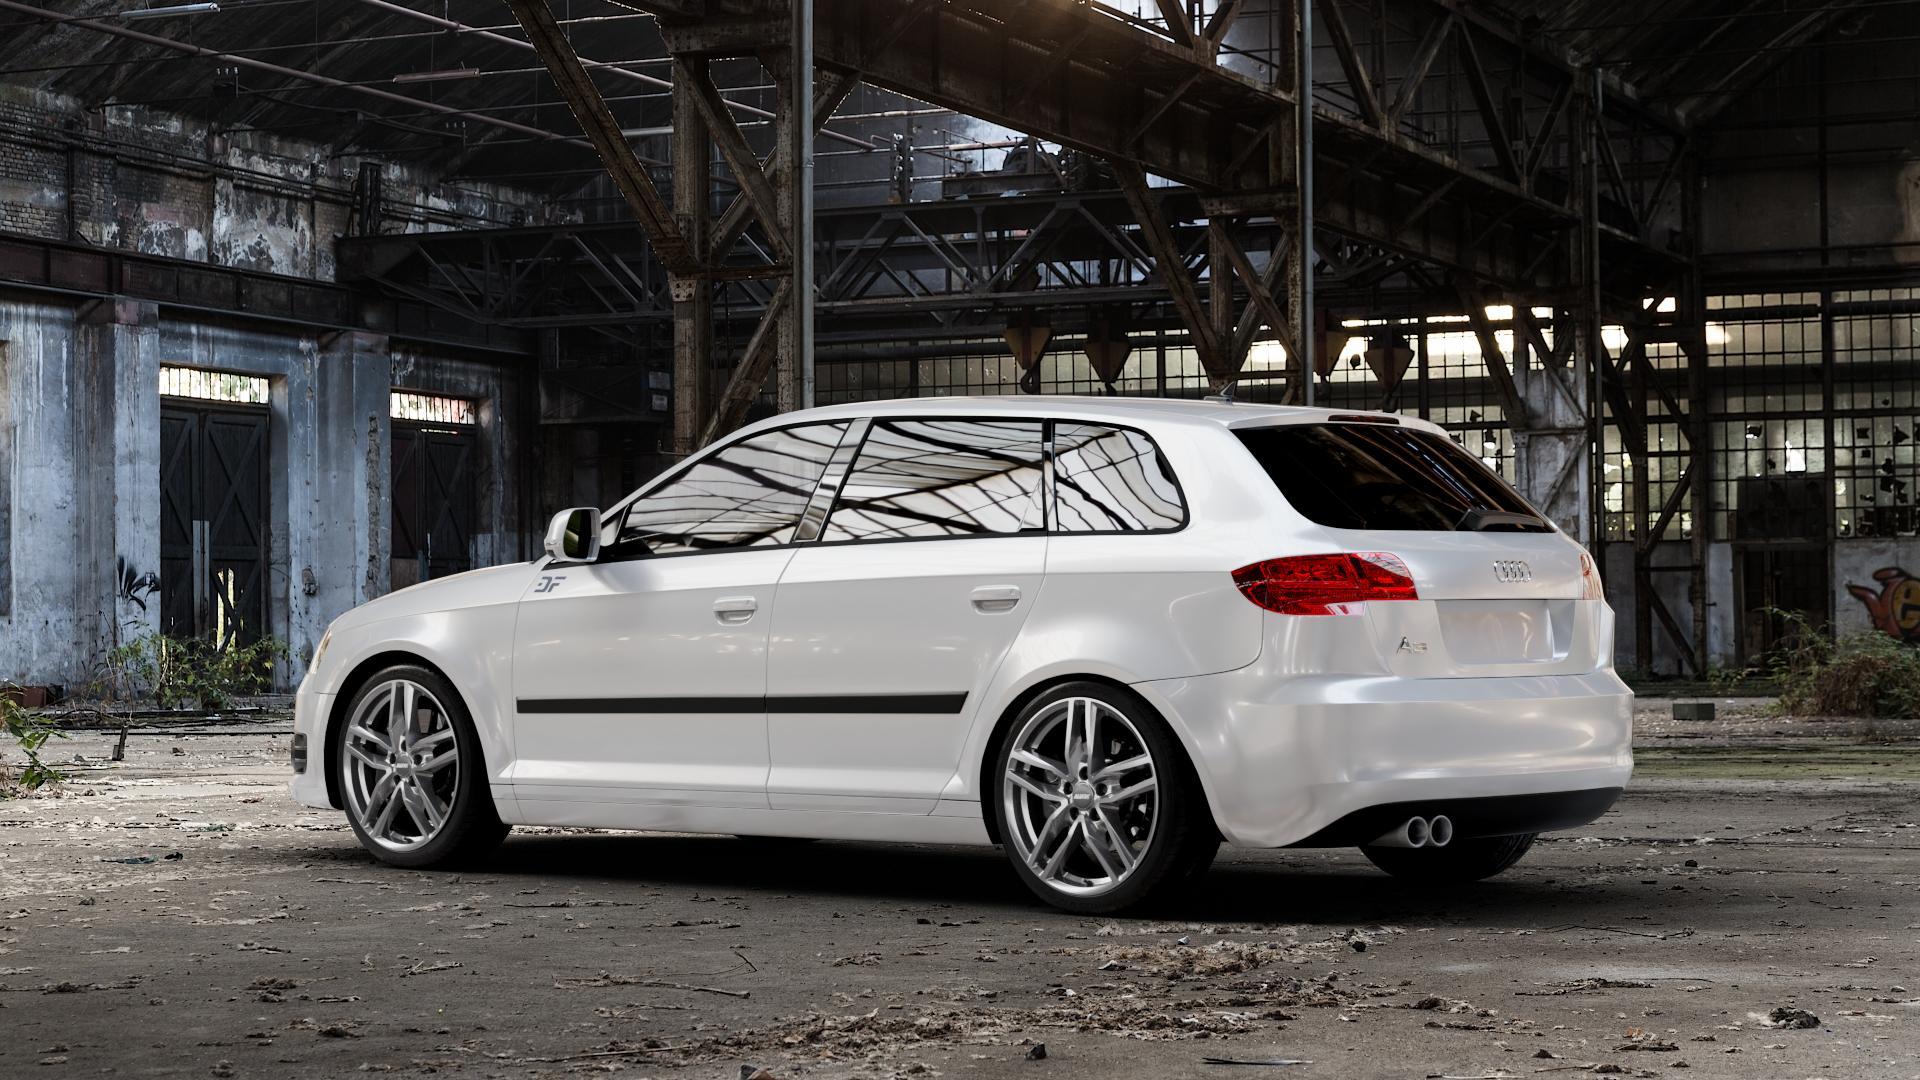 ALUTEC Ikenu metal-grey Felge mit Reifen grau in 18Zoll Winterfelge Alufelge auf weissem Audi A3 Typ 8P (Sportback) 1,6l 75kW (102 PS) 2,0l FSI 110kW (150 1,9l TDI 77kW (105 103kW (140 TFSI 147kW (200 85kW (116 100kW (136 1,8l 118kW (160 125kW (170 1,4l 92kW (125 120kW (163 quattro 3,2l V6 184kW (250 S3 195kW (265 1,2l 66kW (90 18